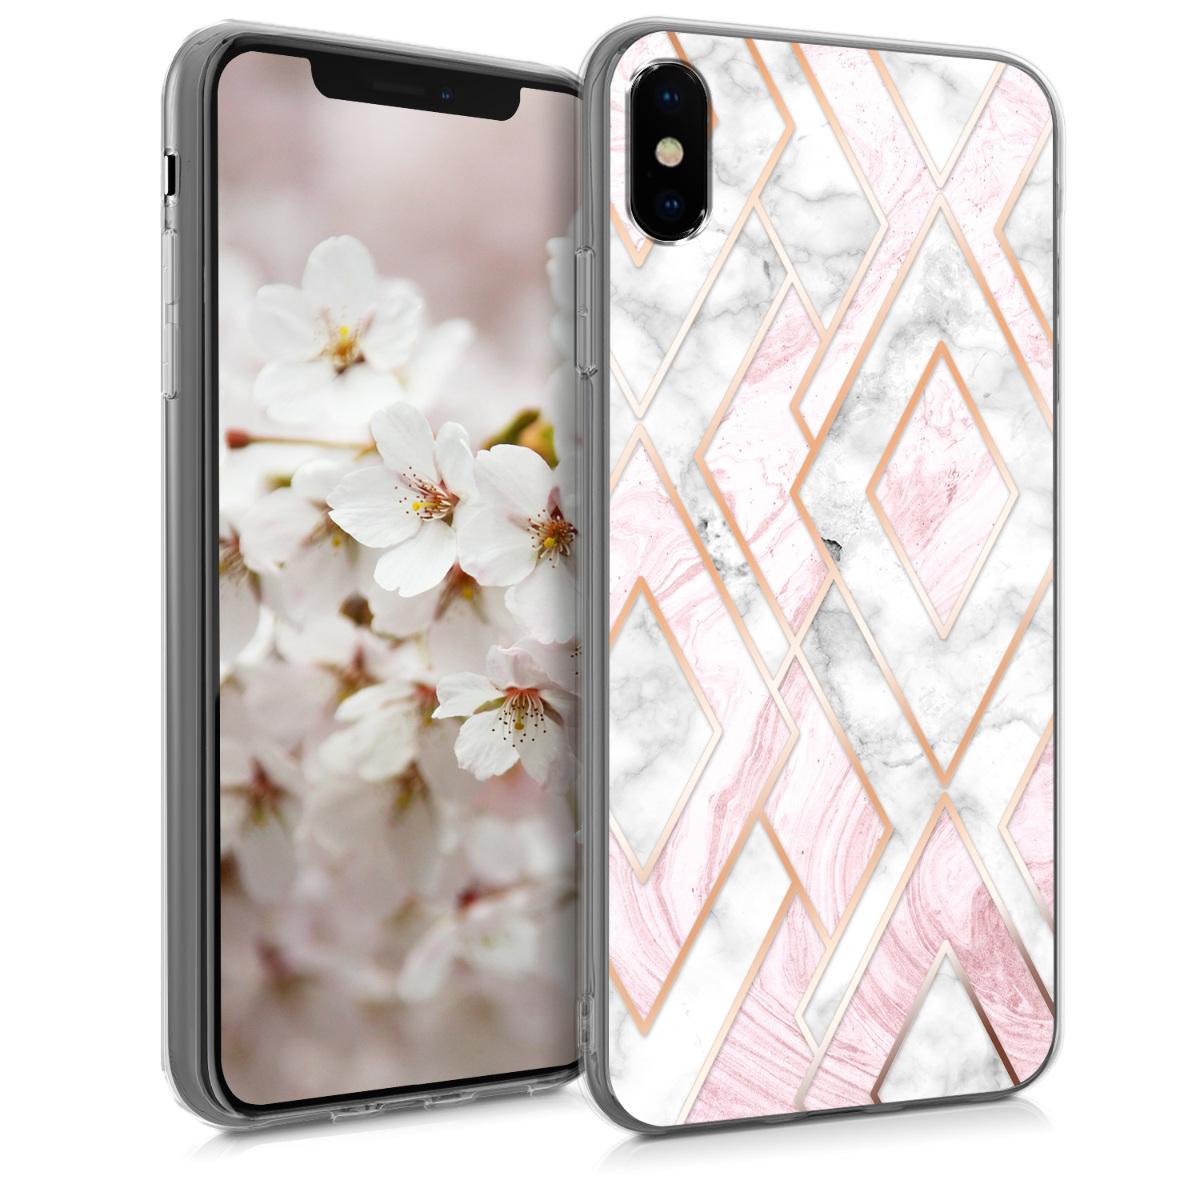 Kvalitní silikonové TPU pouzdro pro Apple iPhone XS - Glory Mix 2 Rose Gold | White | Pink Dusty